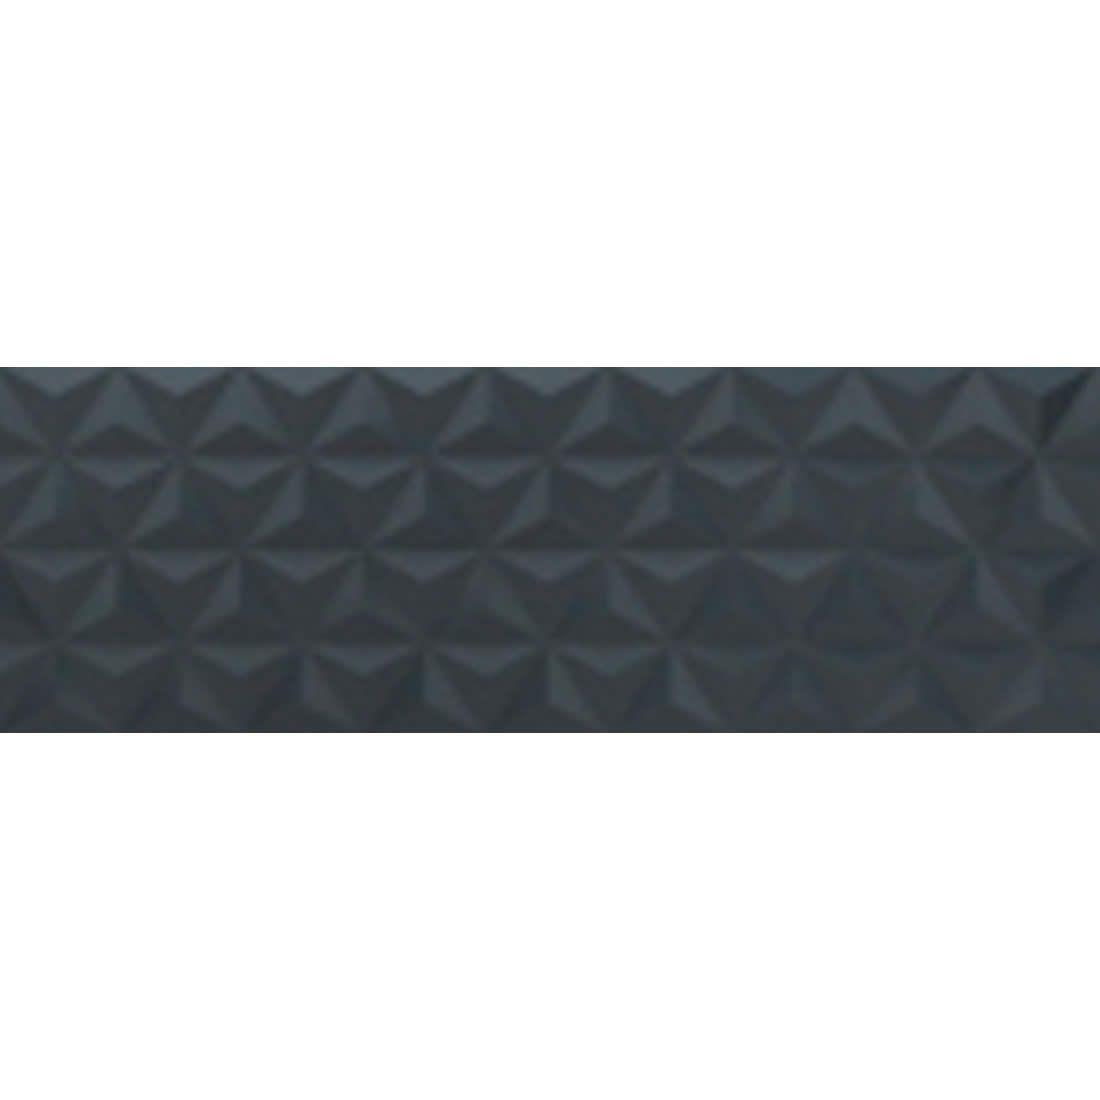 Porcelanato Portinari 29,1 x 87,7 Diamante Negro Matte Ref 57739